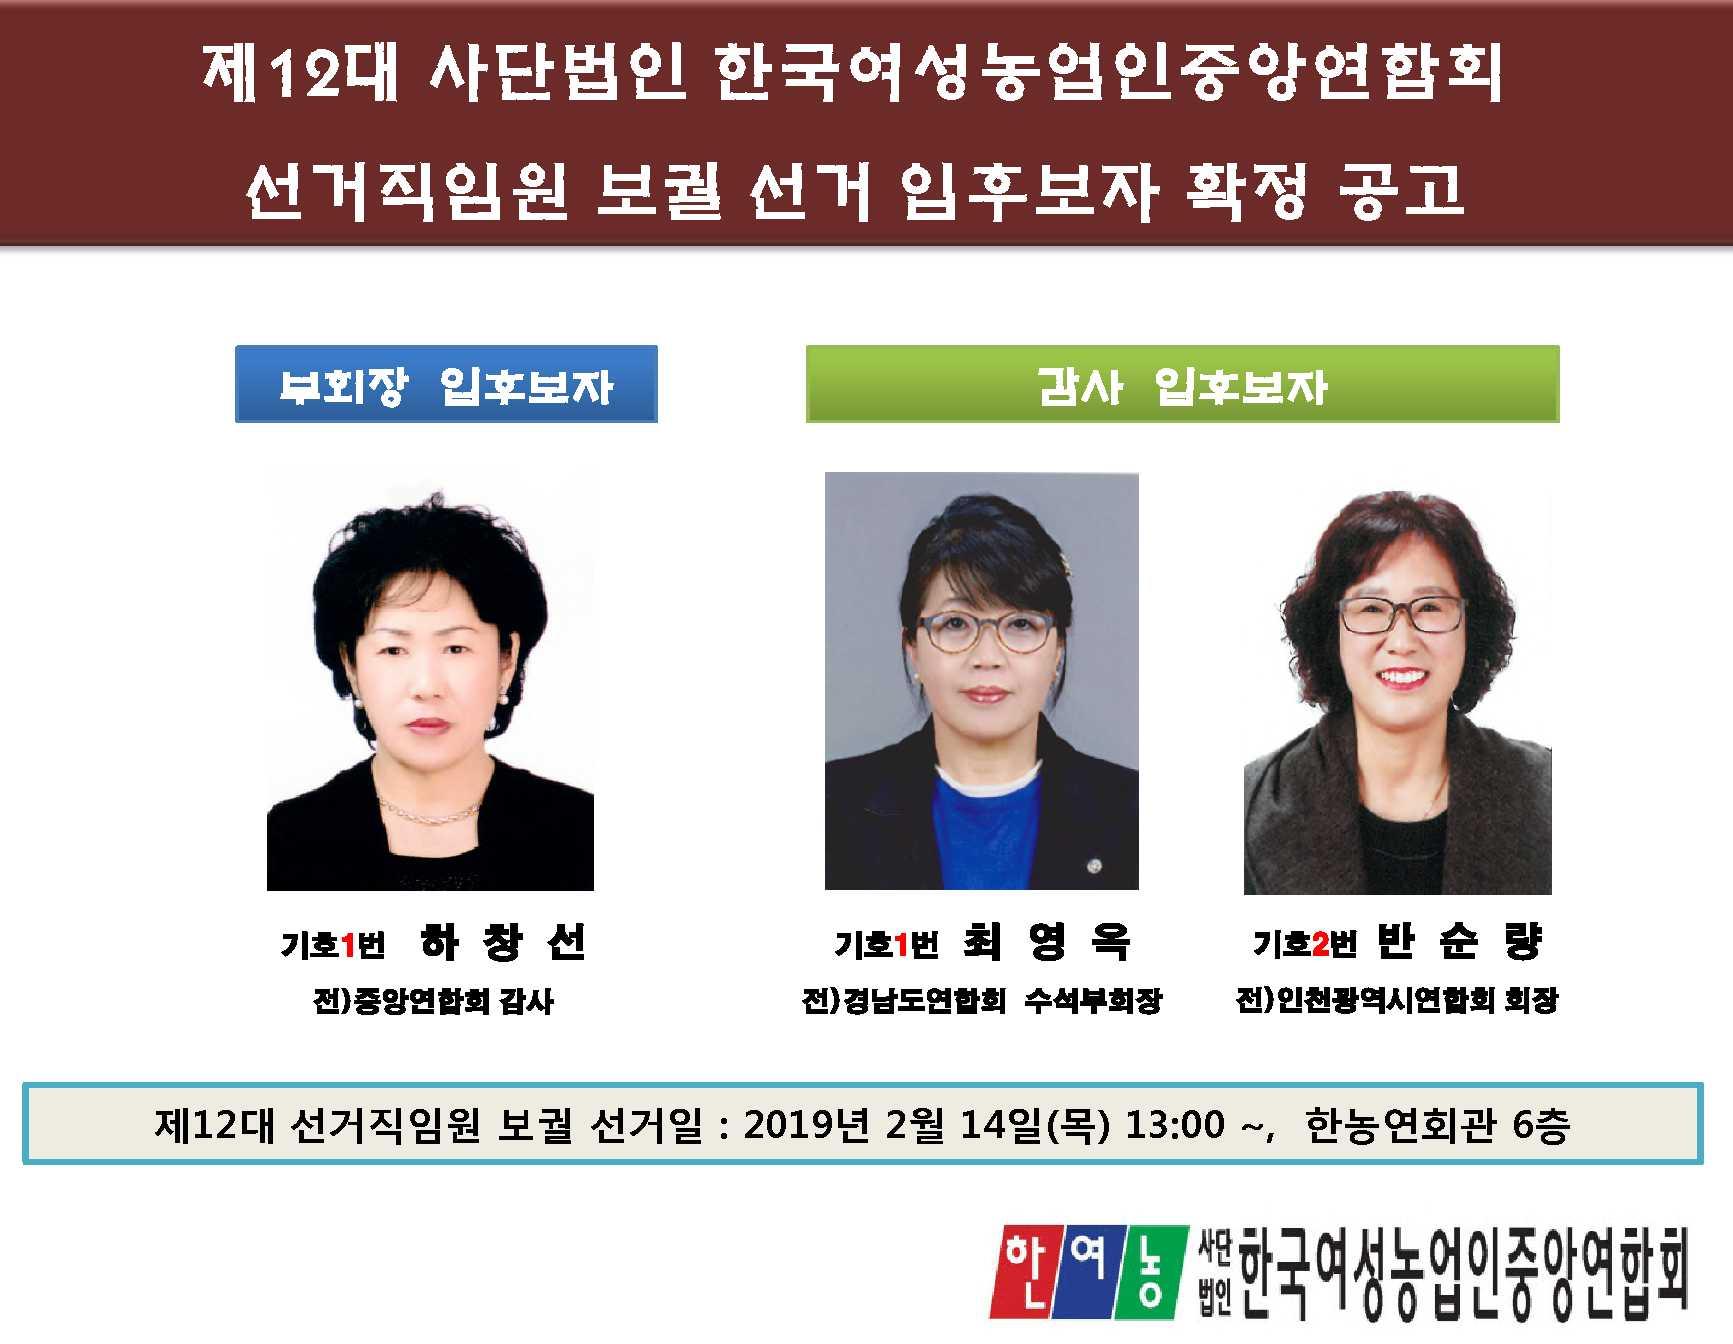 2019 보궐선거 입후보자 확정공고.jpg